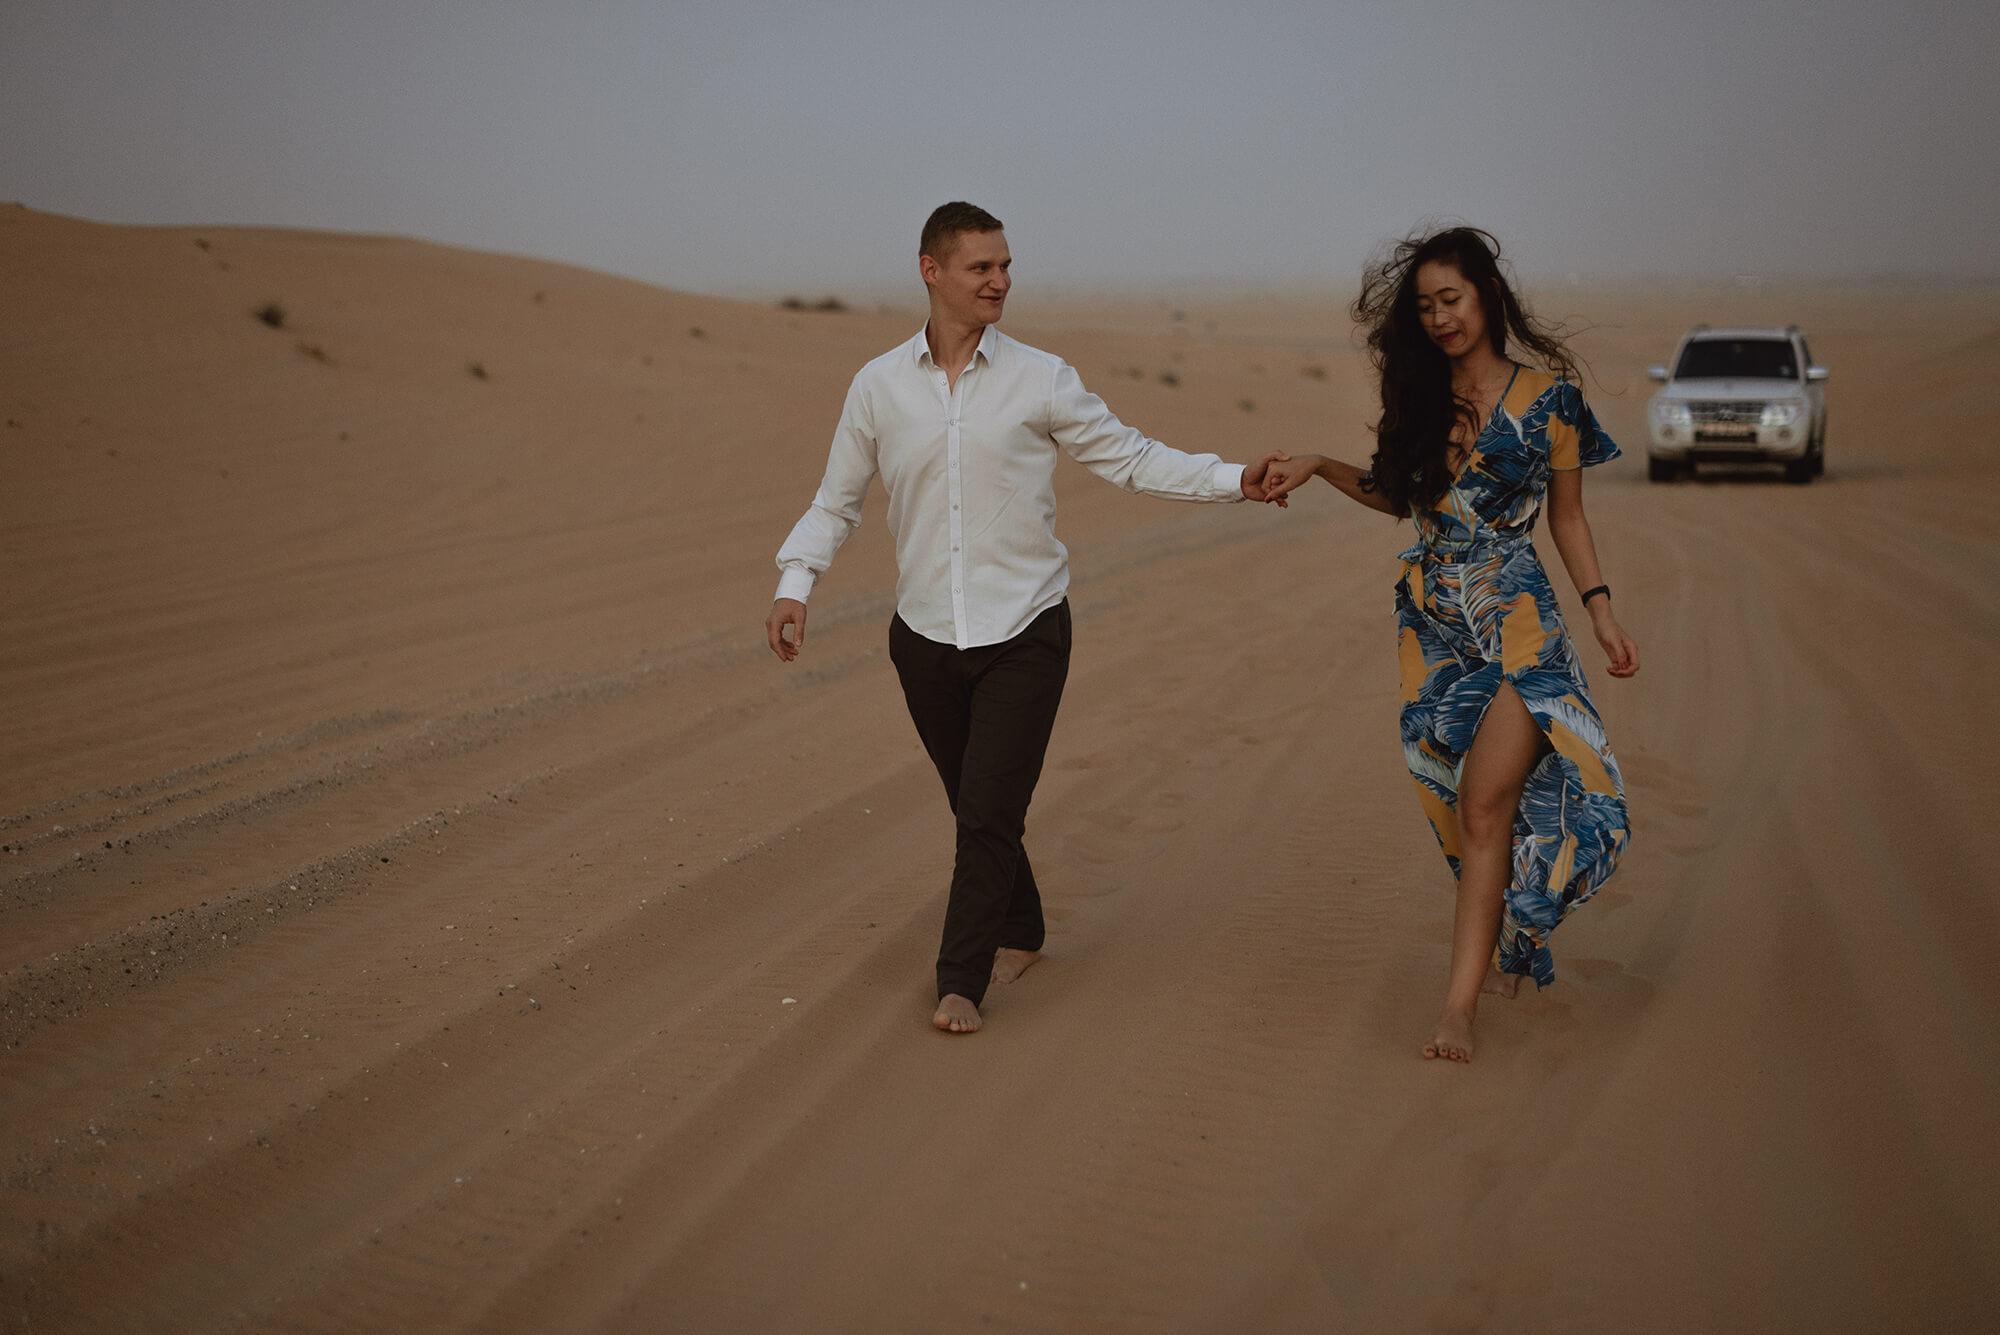 Sesja narzeczenska w dubaju19 - Citra + Kuba | miłość w Dubaju + 6 powodów dlaczego sesja narzeczeńska jest tak ważna